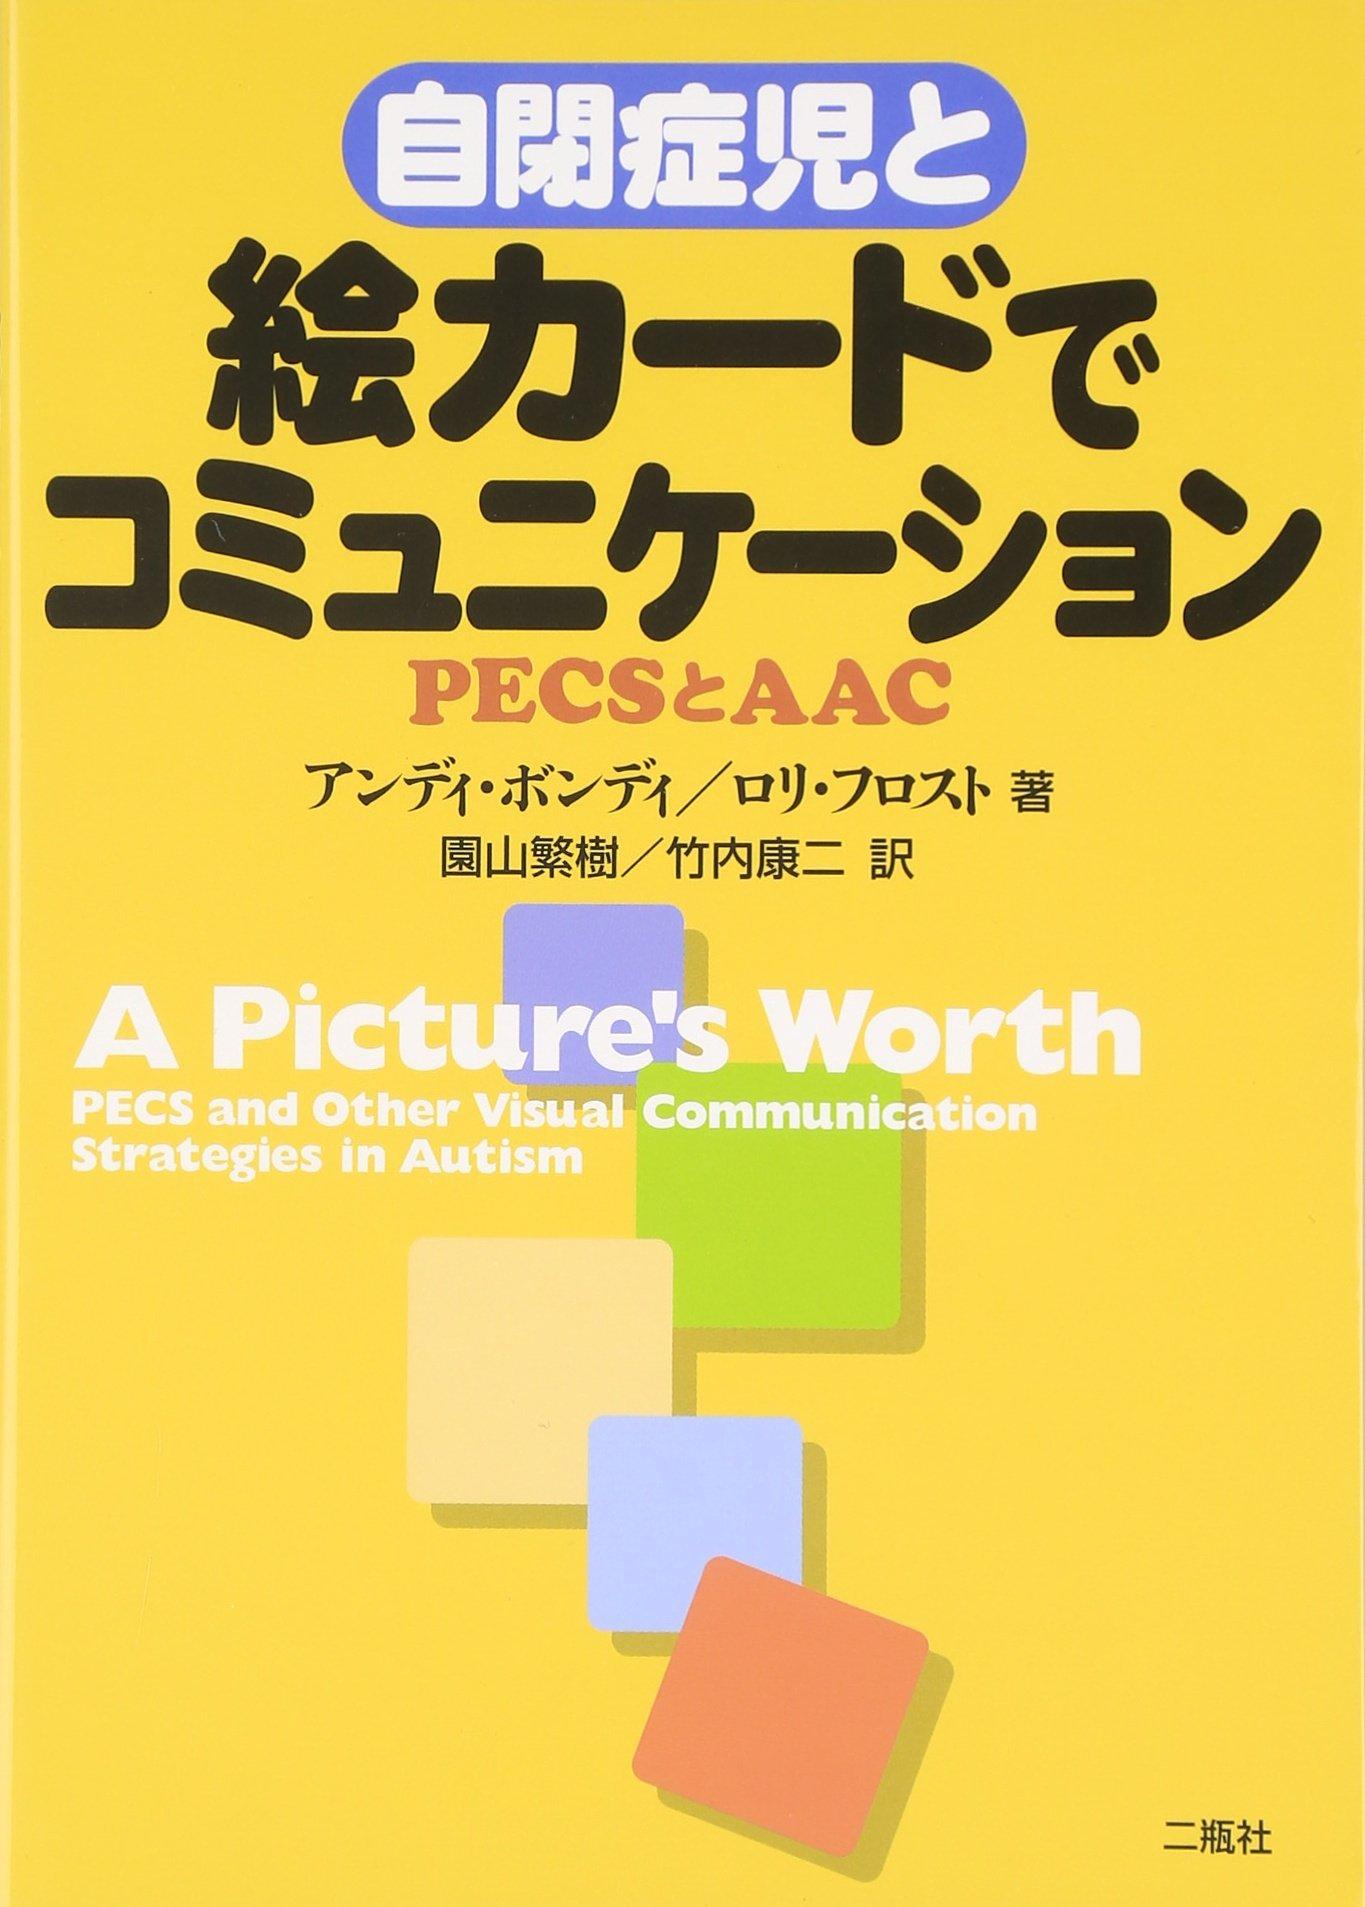 Jiheishōji to ekādo de komyunikēshon : PECS to AAC PDF